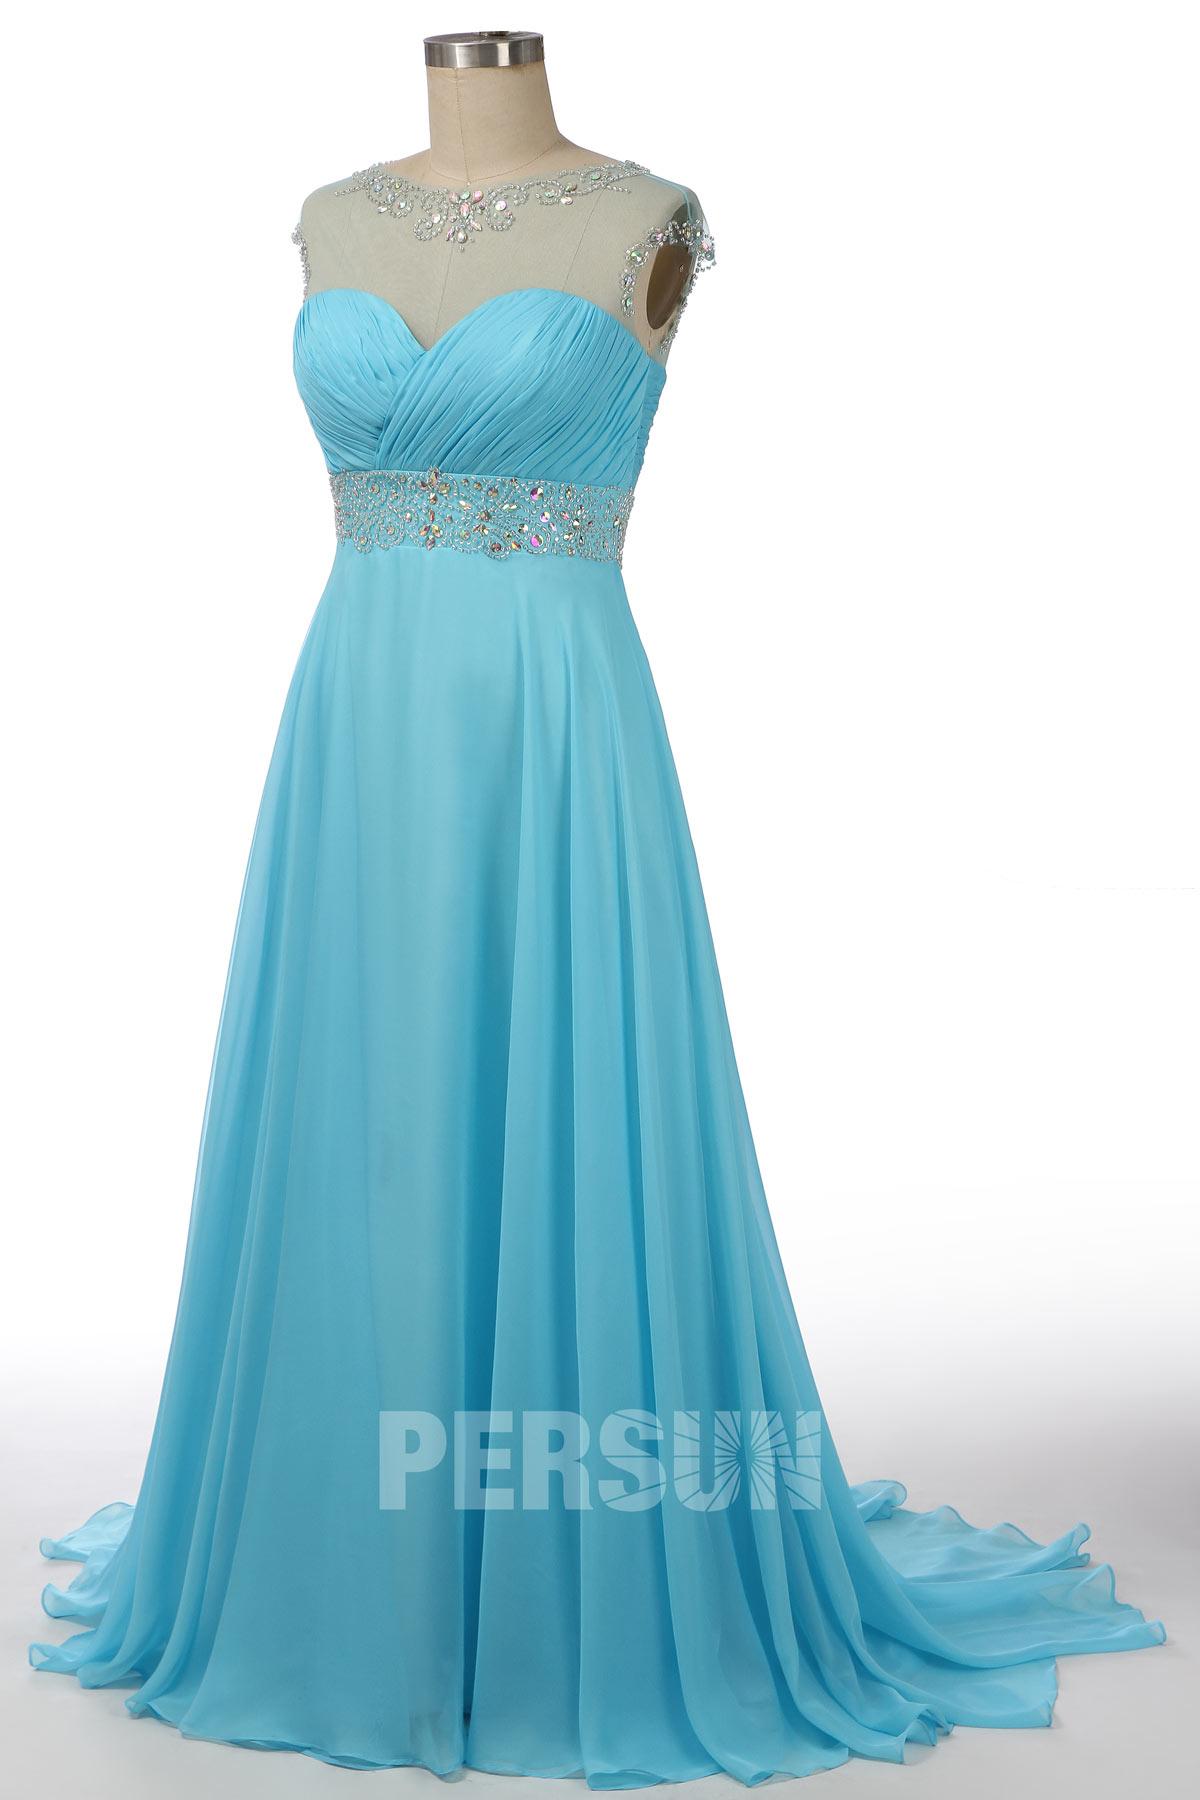 Robe de soirée longue bleu turquoise dos découpé ornée de bijoux